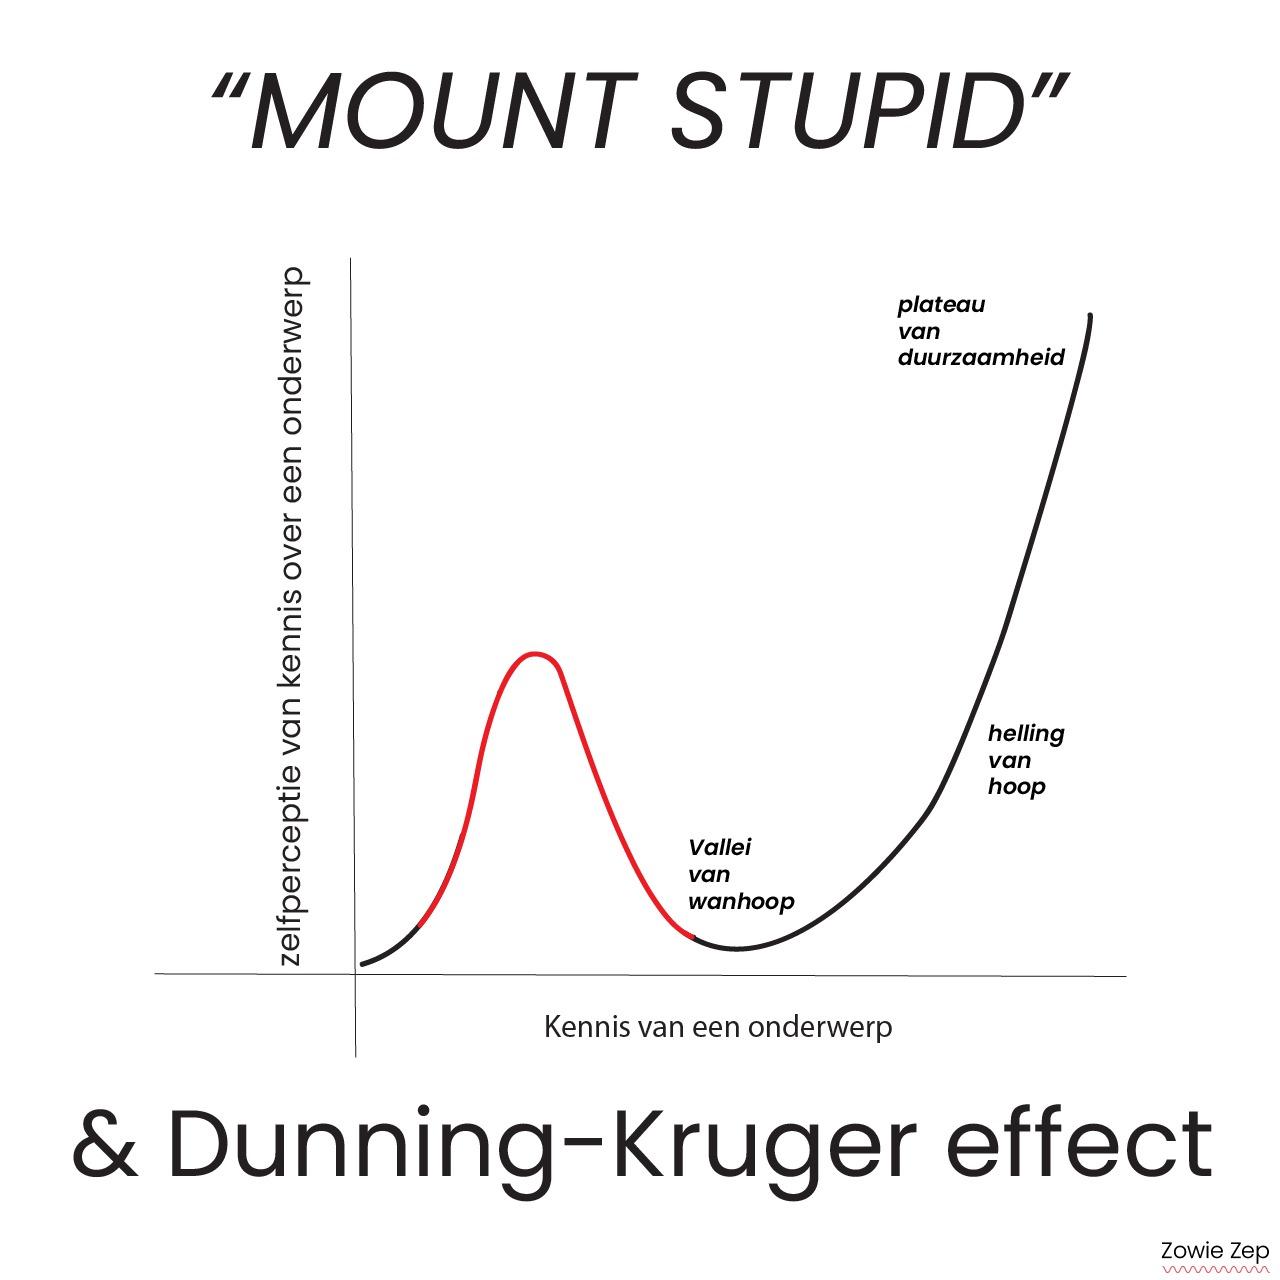 Mount Stupid